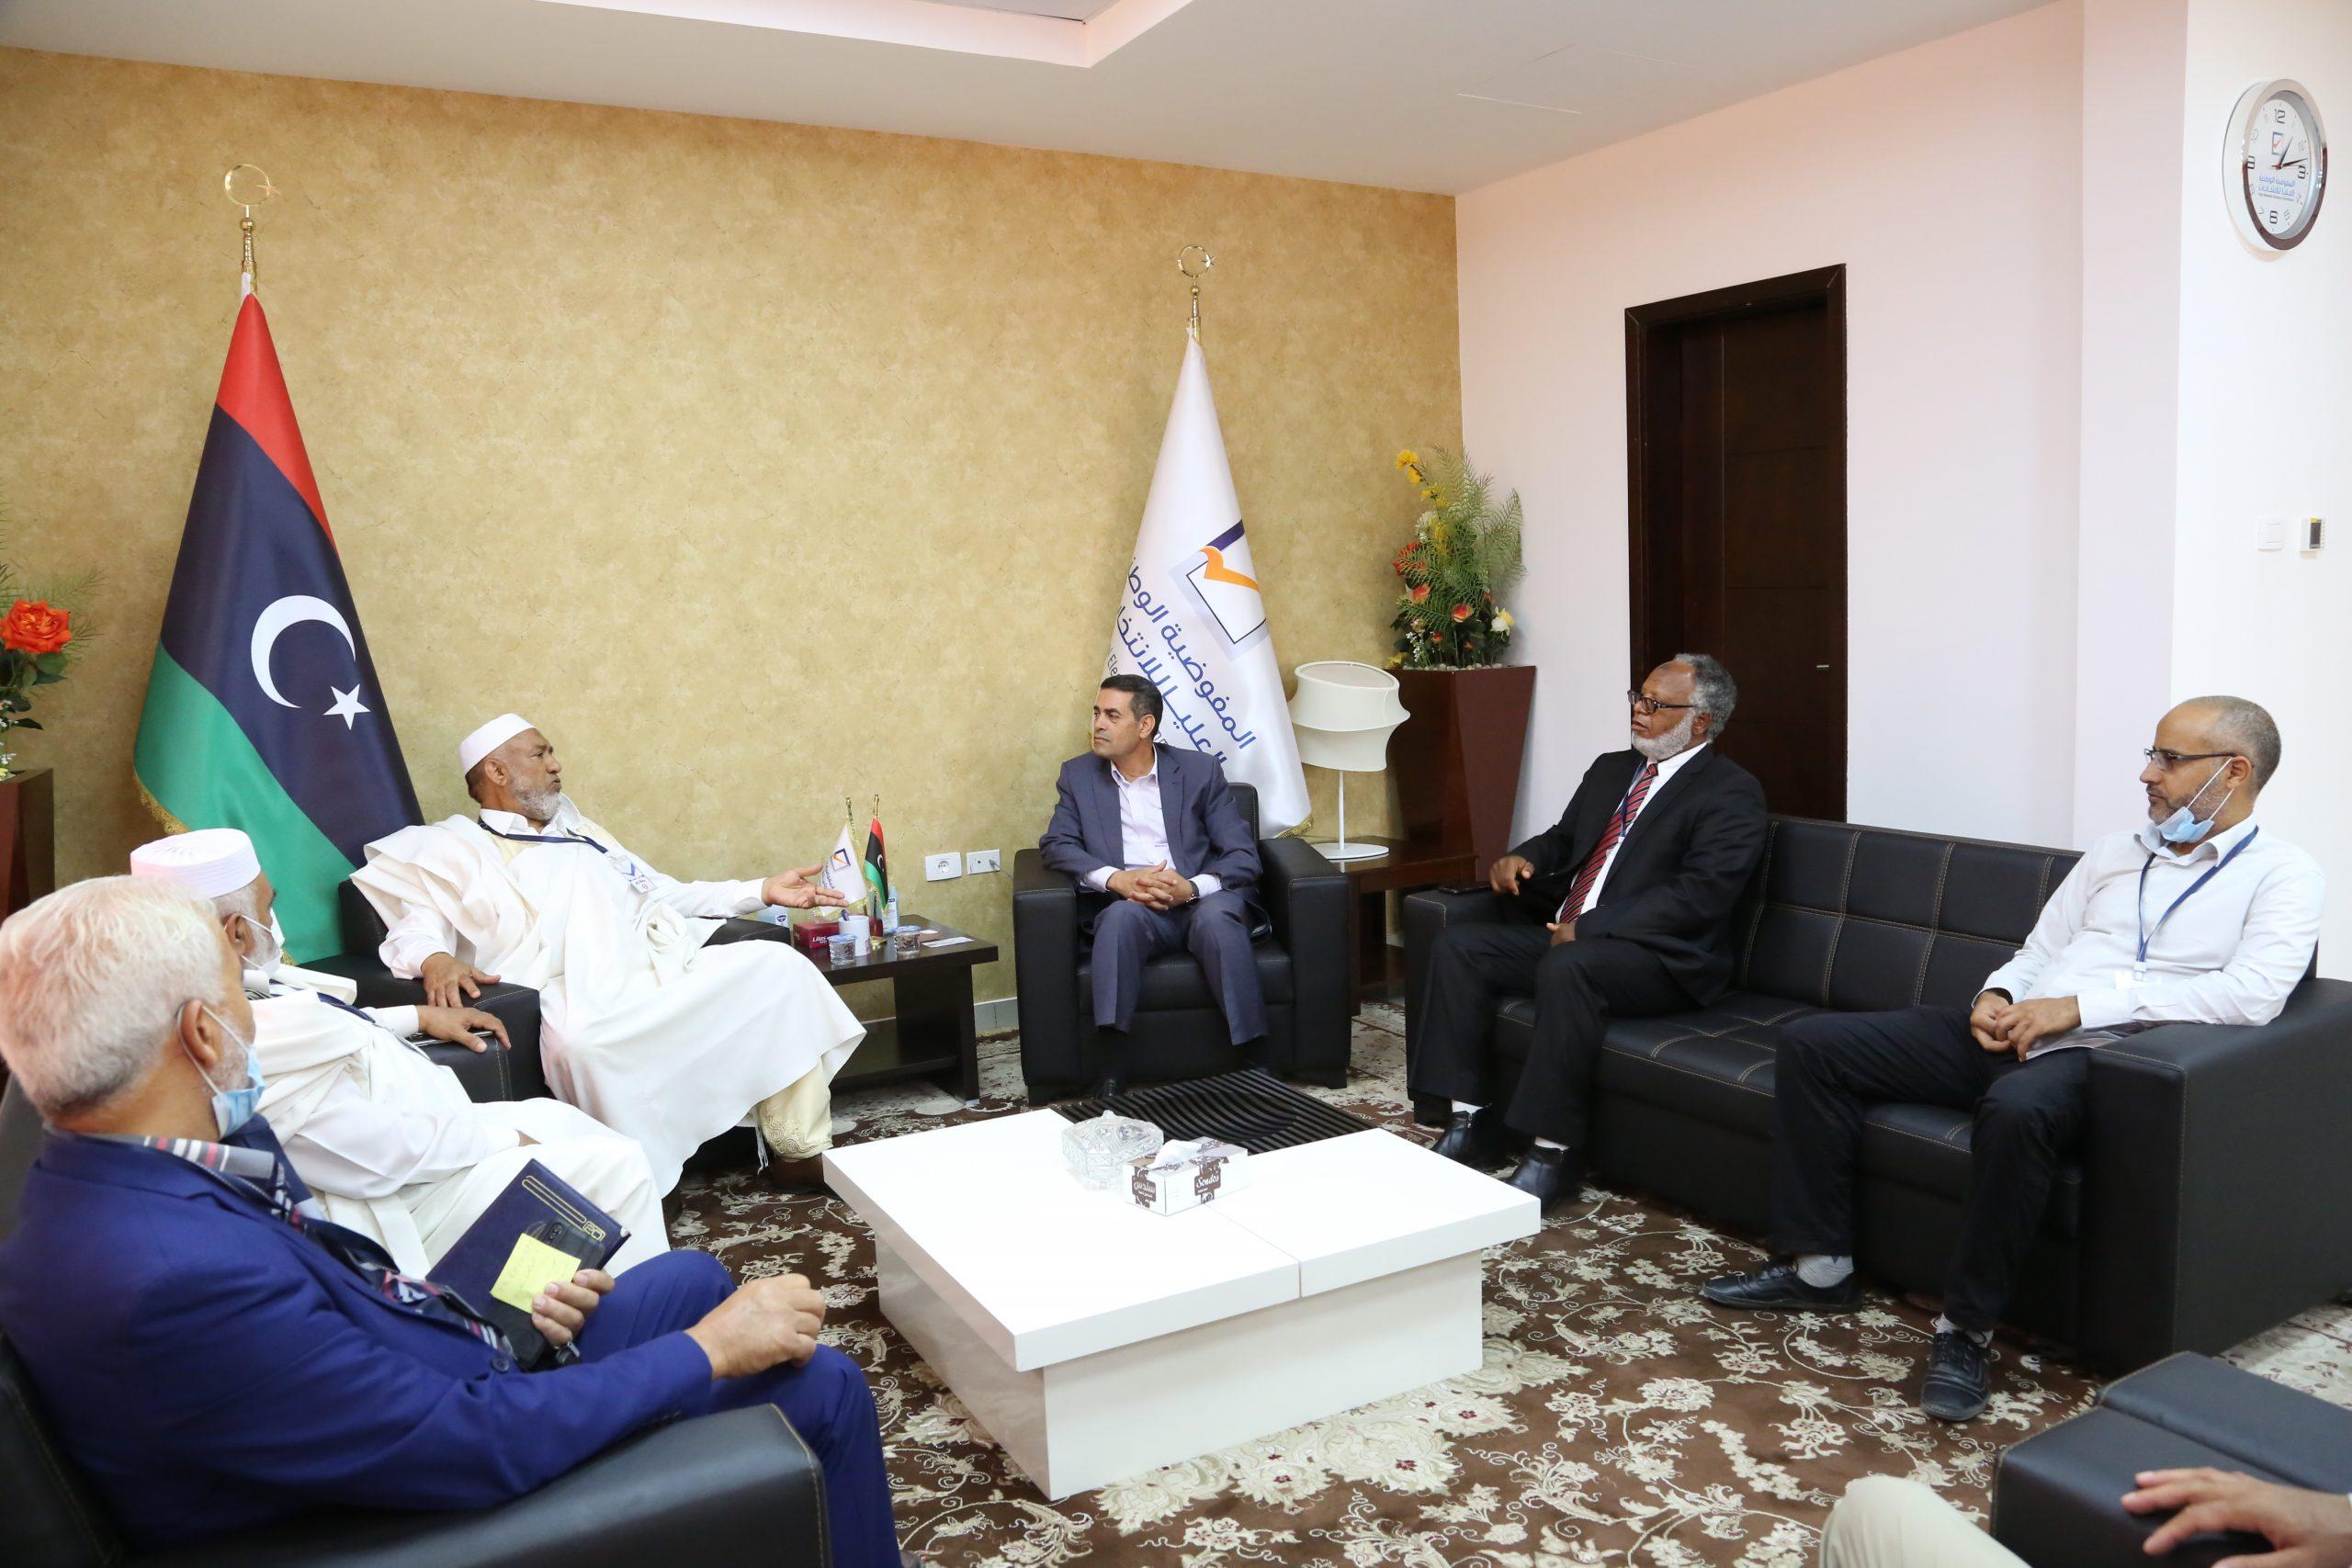 المجلس الأعلى للمصالحة يبدي دعمه للانتخابات القادمة